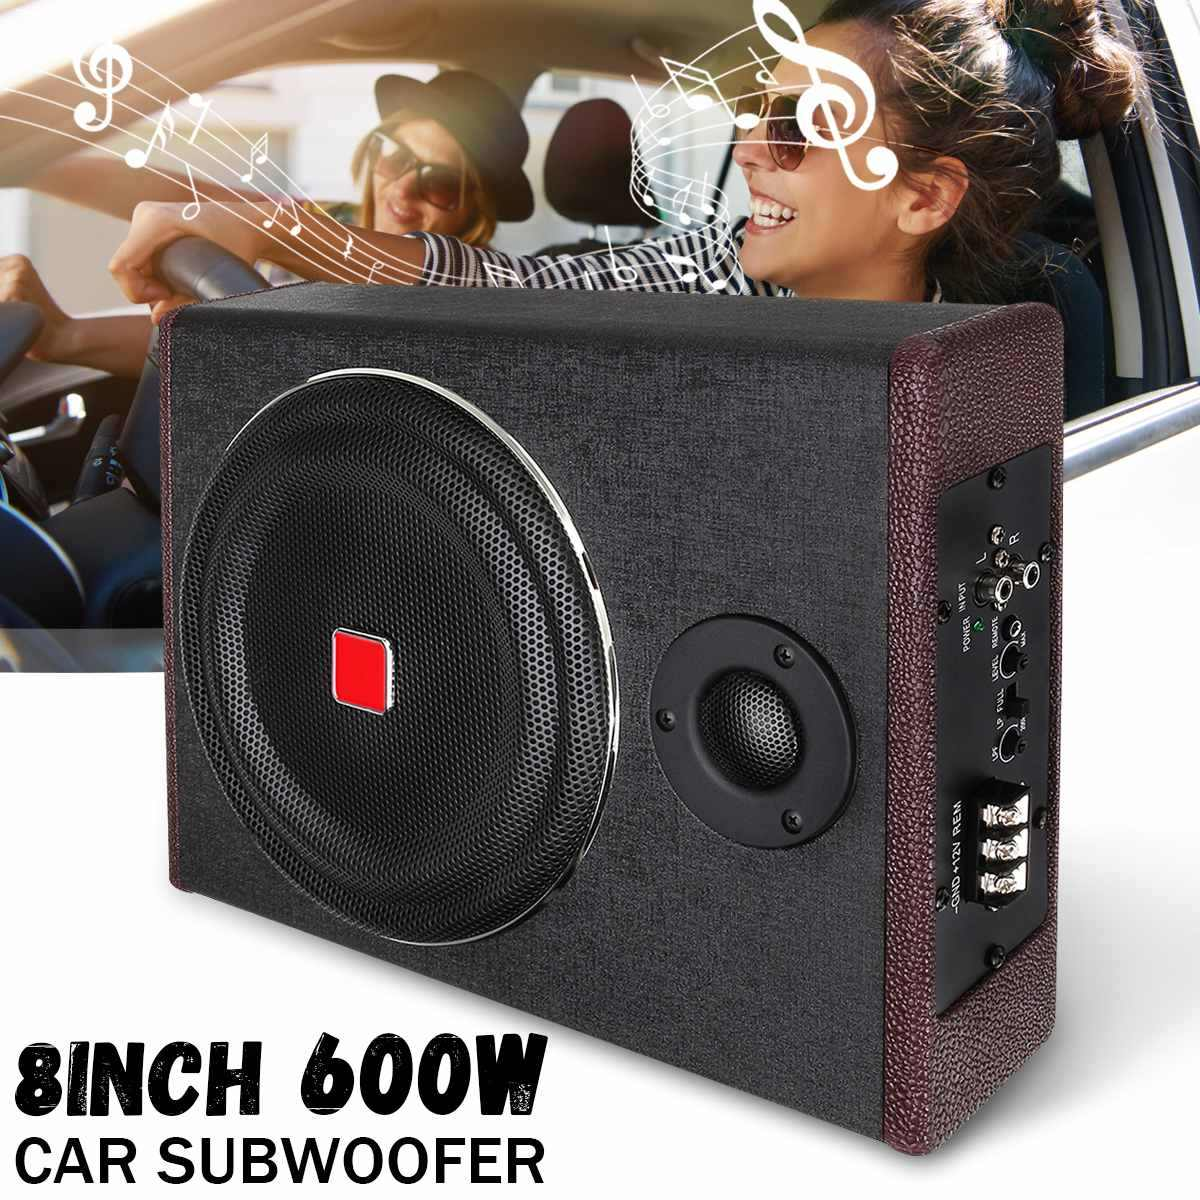 8 pouces 600W voiture caissons de basses amplificateur de voiture caissons de basses haut-parleur de voiture caisson de basses actif voiture sous siège